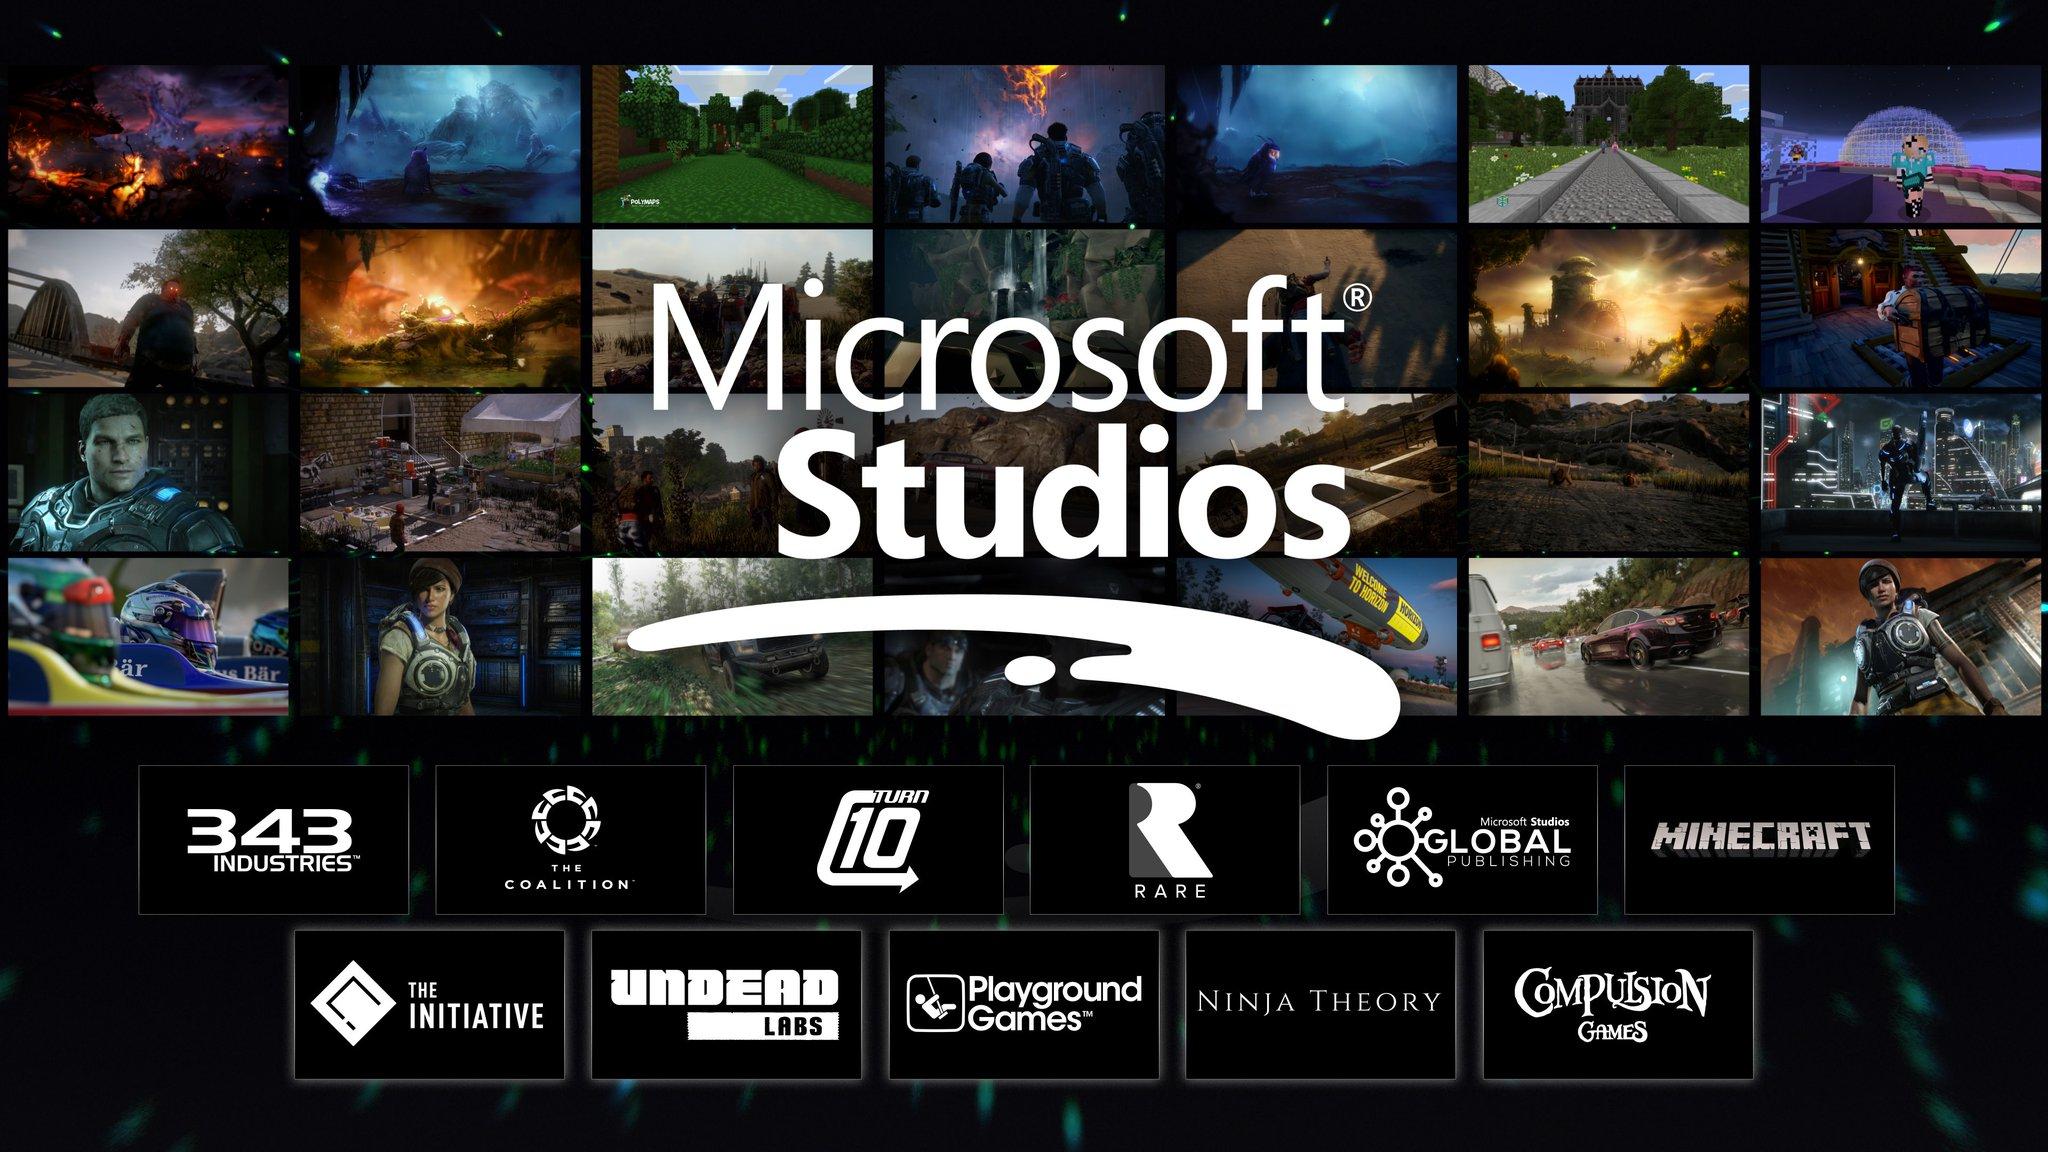 تحميل برنامج مايكروسوفت لتشغيل الالعاب 2020 اخر اصدار